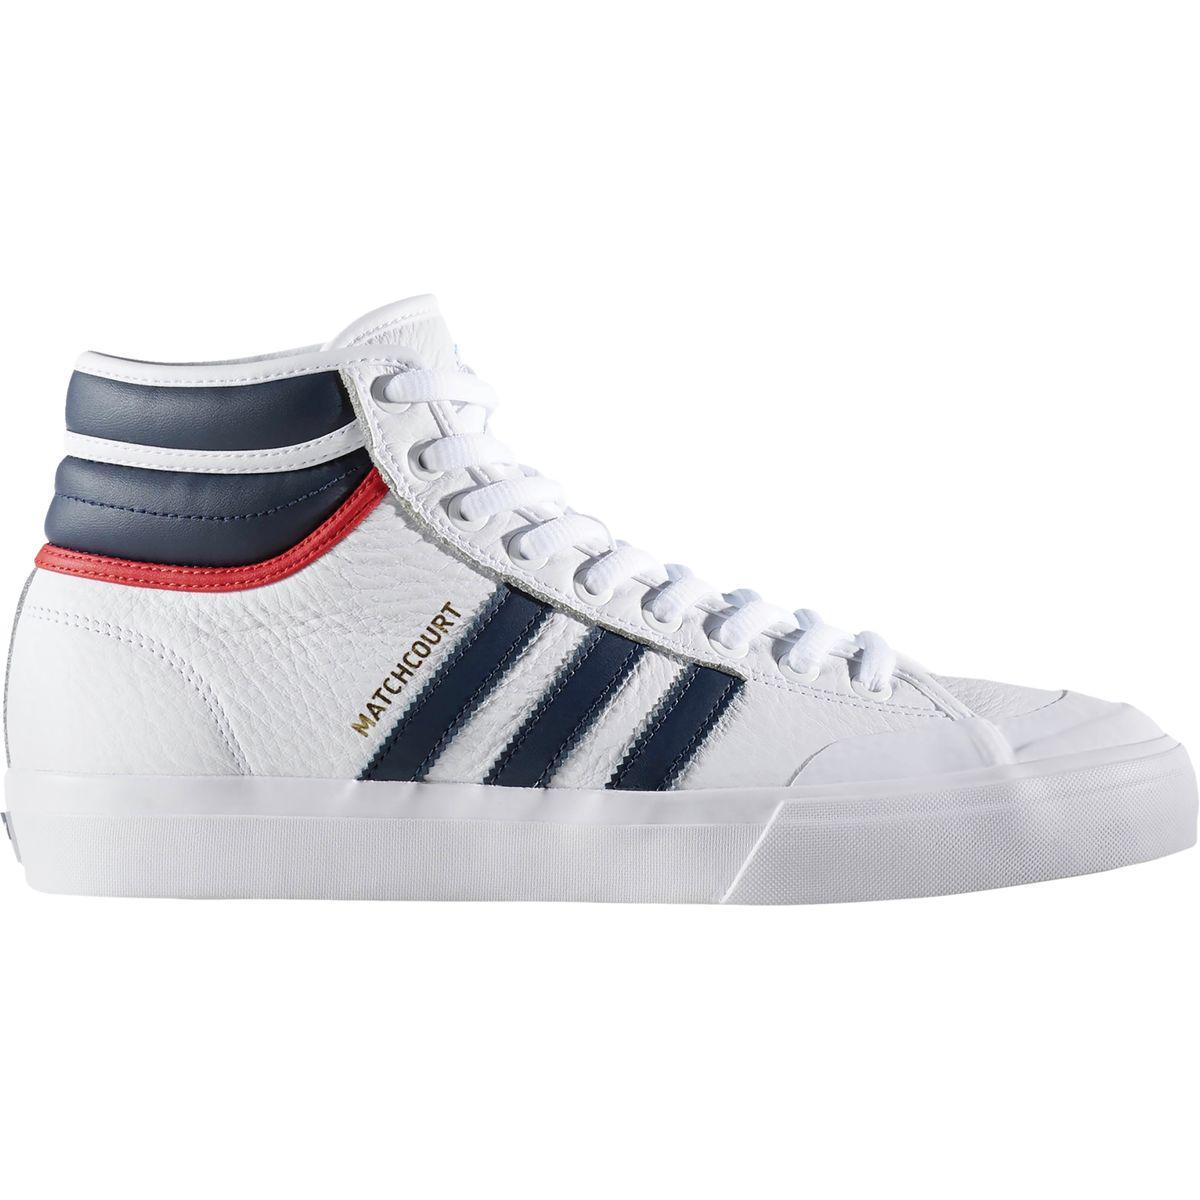 4055452698b Lyst - adidas Matchcourt High Rx2 Top Ten Shoe in Blue for Men